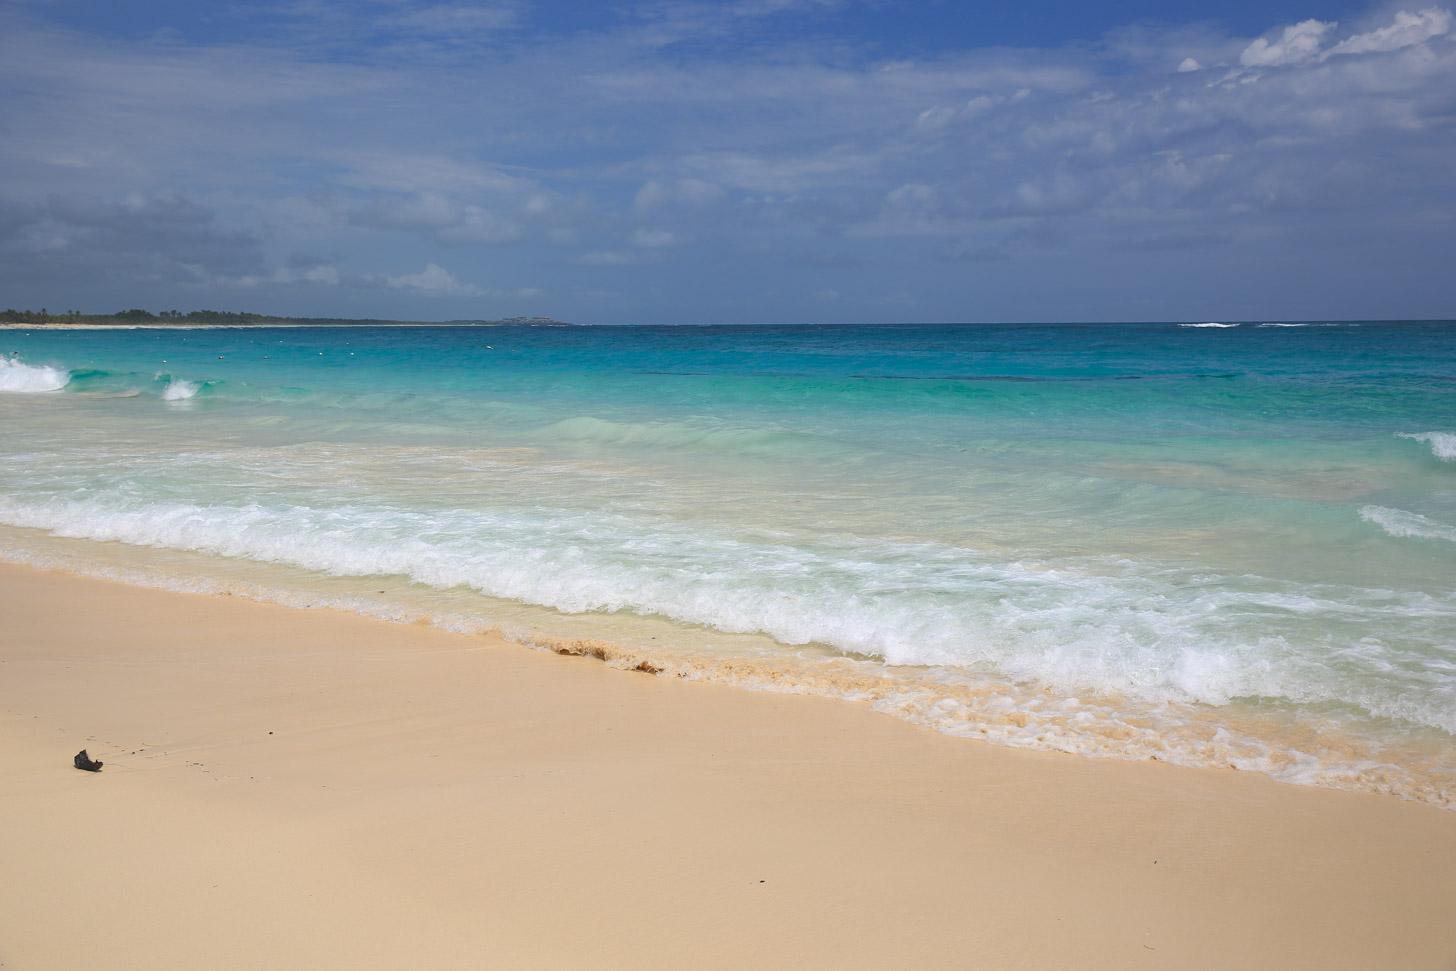 De zee en het strand